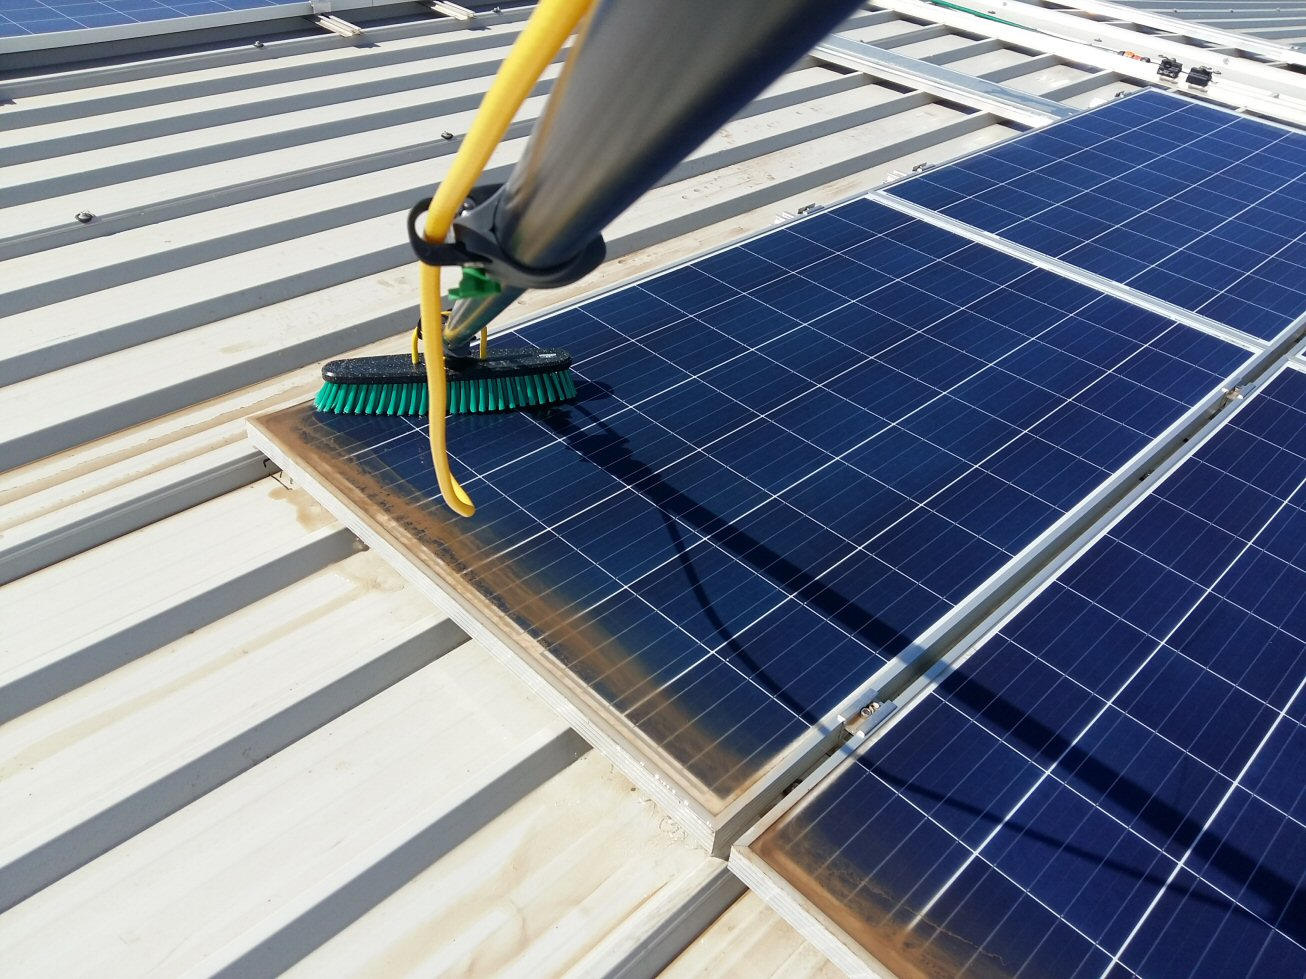 Pulizia fotovoltaico: il lavaggio di un impianto fotovoltaico